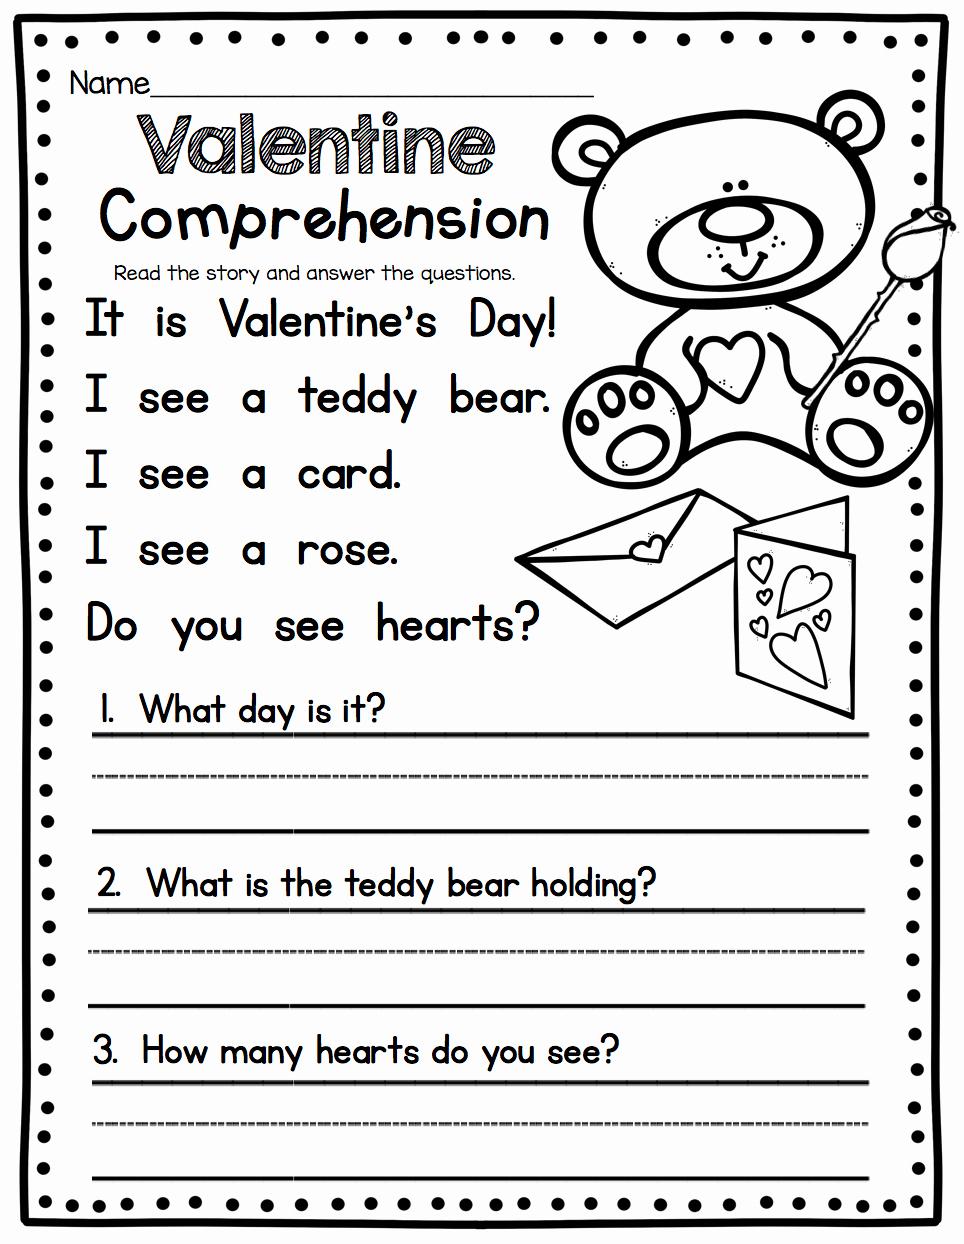 Grammar Worksheet First Grade Elegant 1st Grade English Worksheets Best Coloring Pages for Kids